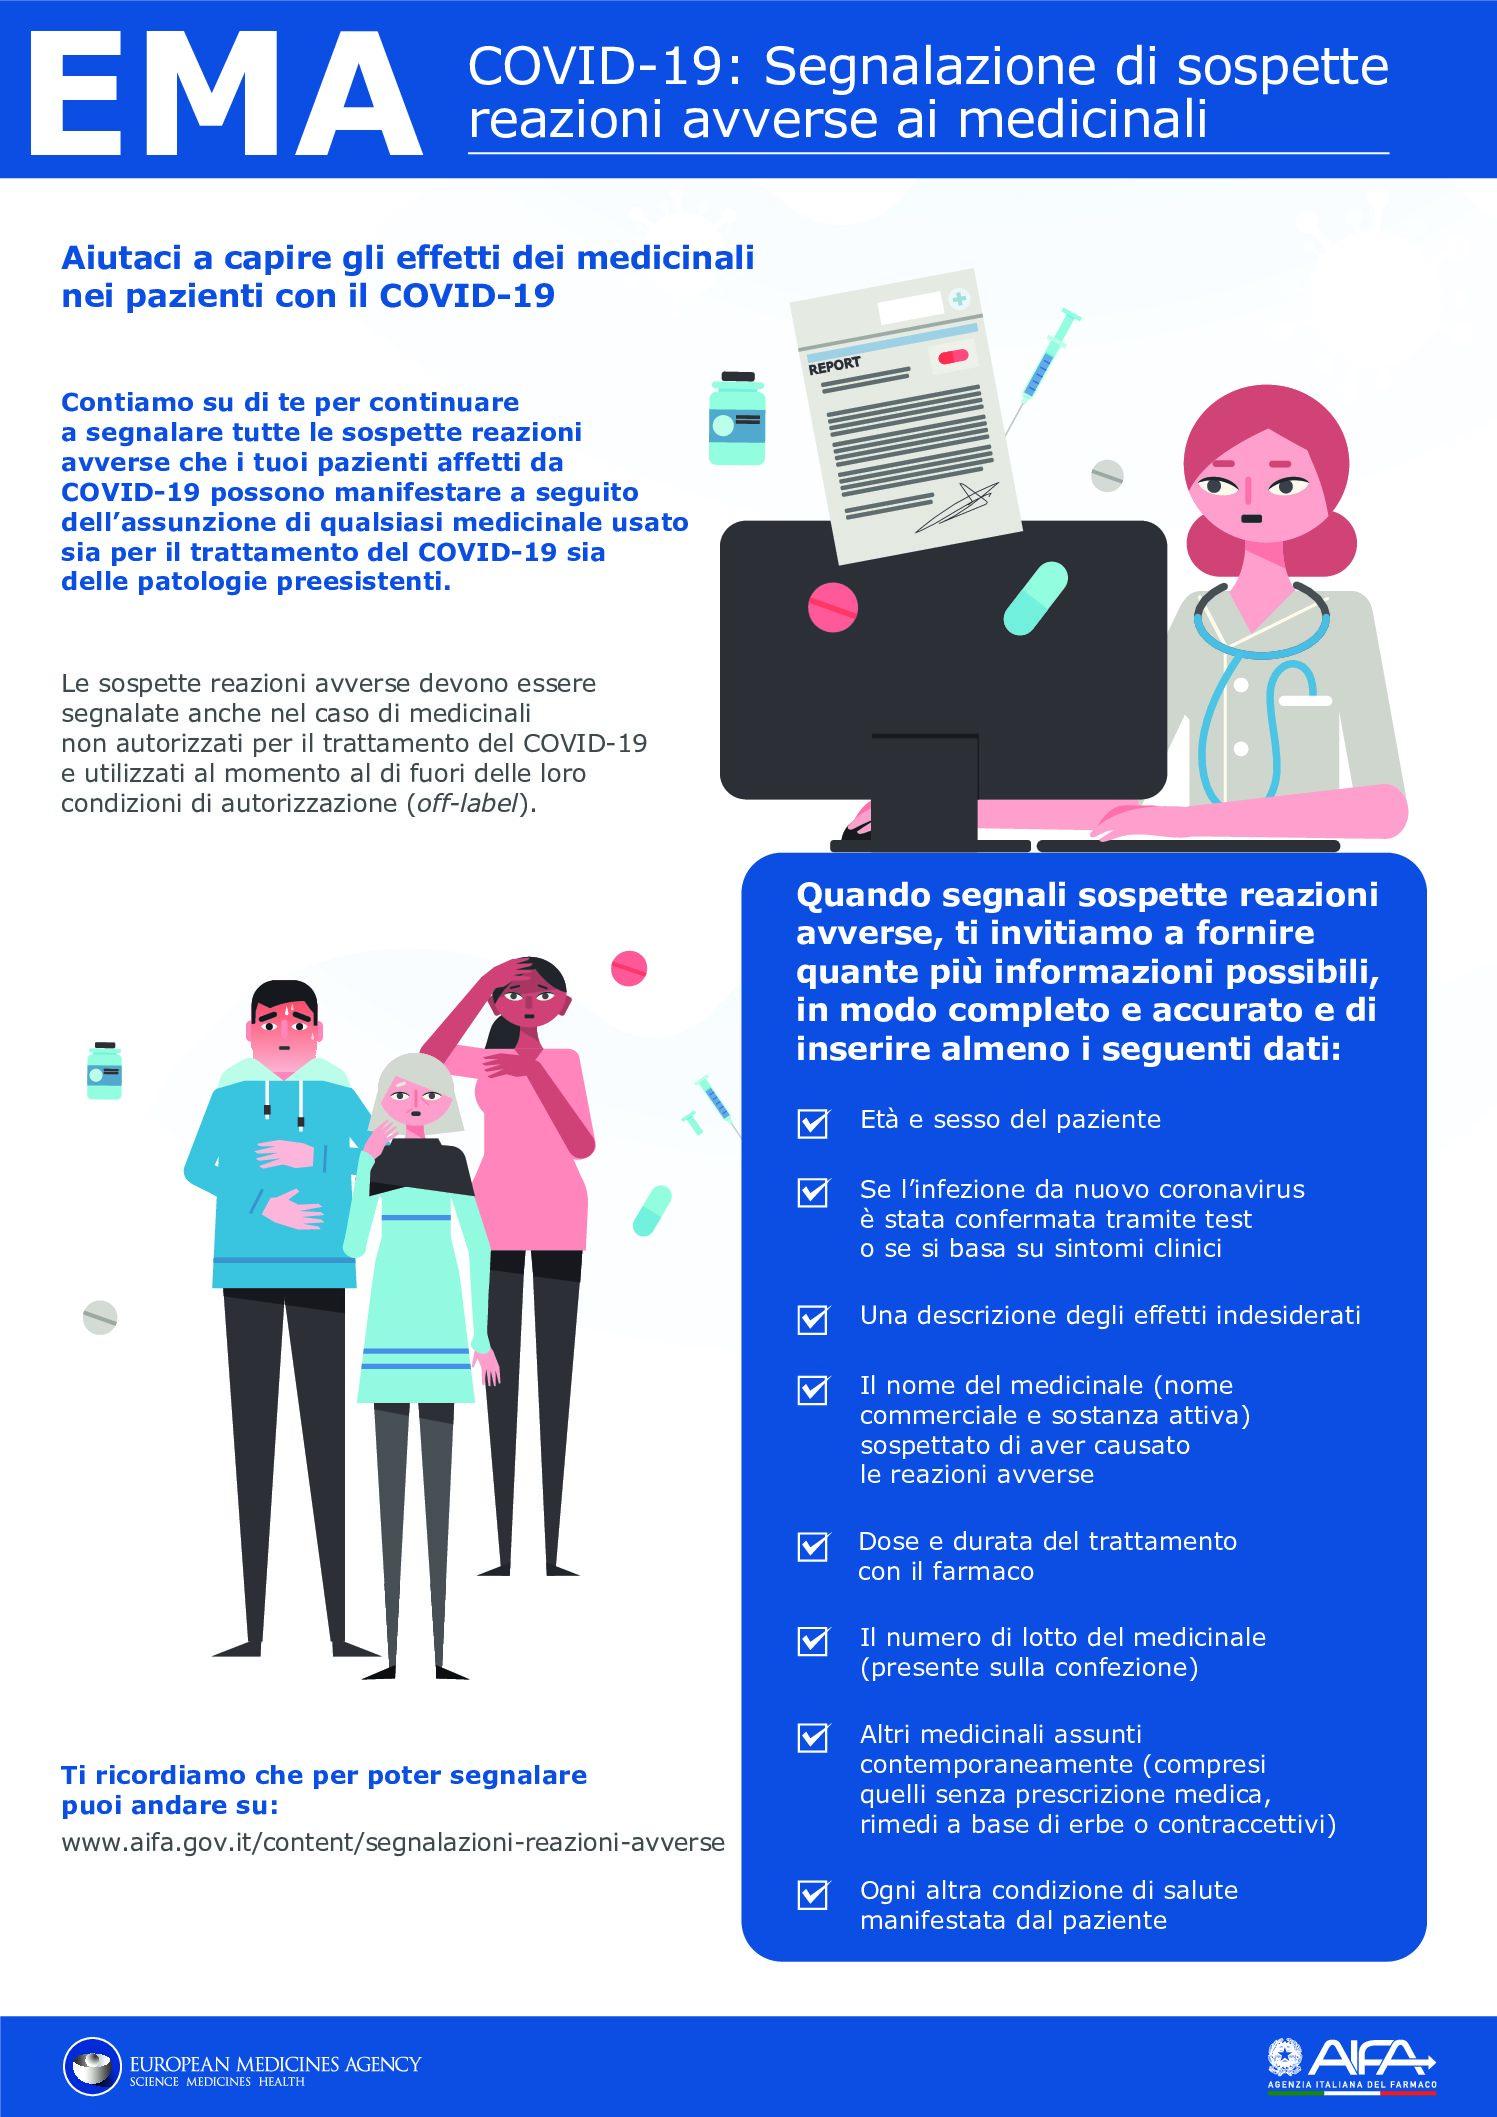 Campagna segnalazione spontanea ai medicinali nei pazienti con COVID-19.